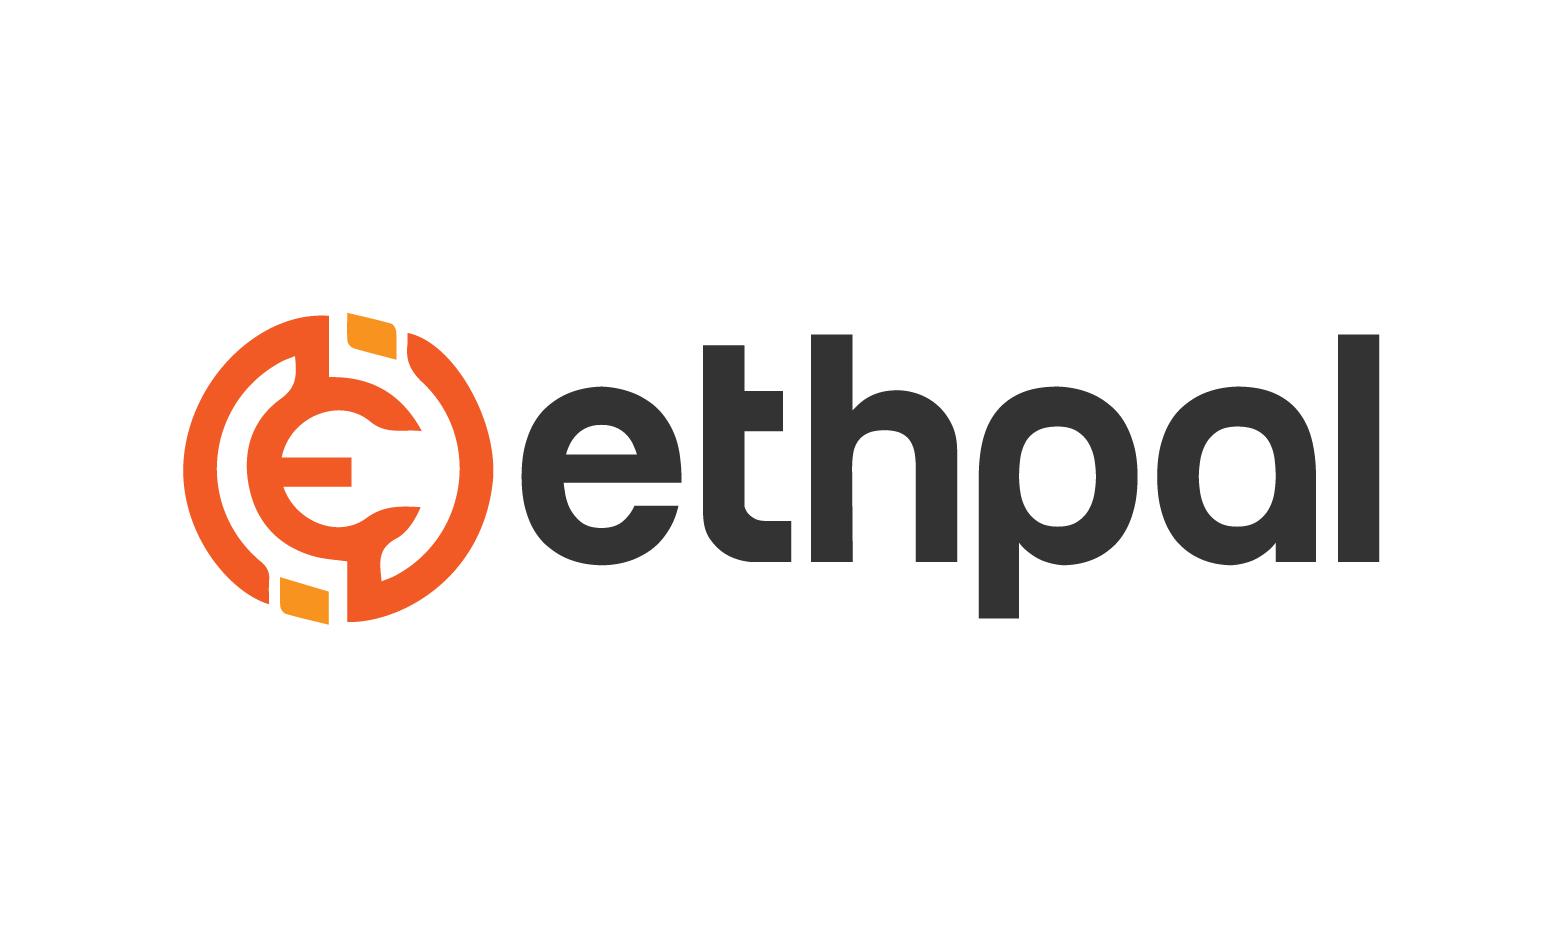 ethpal.com